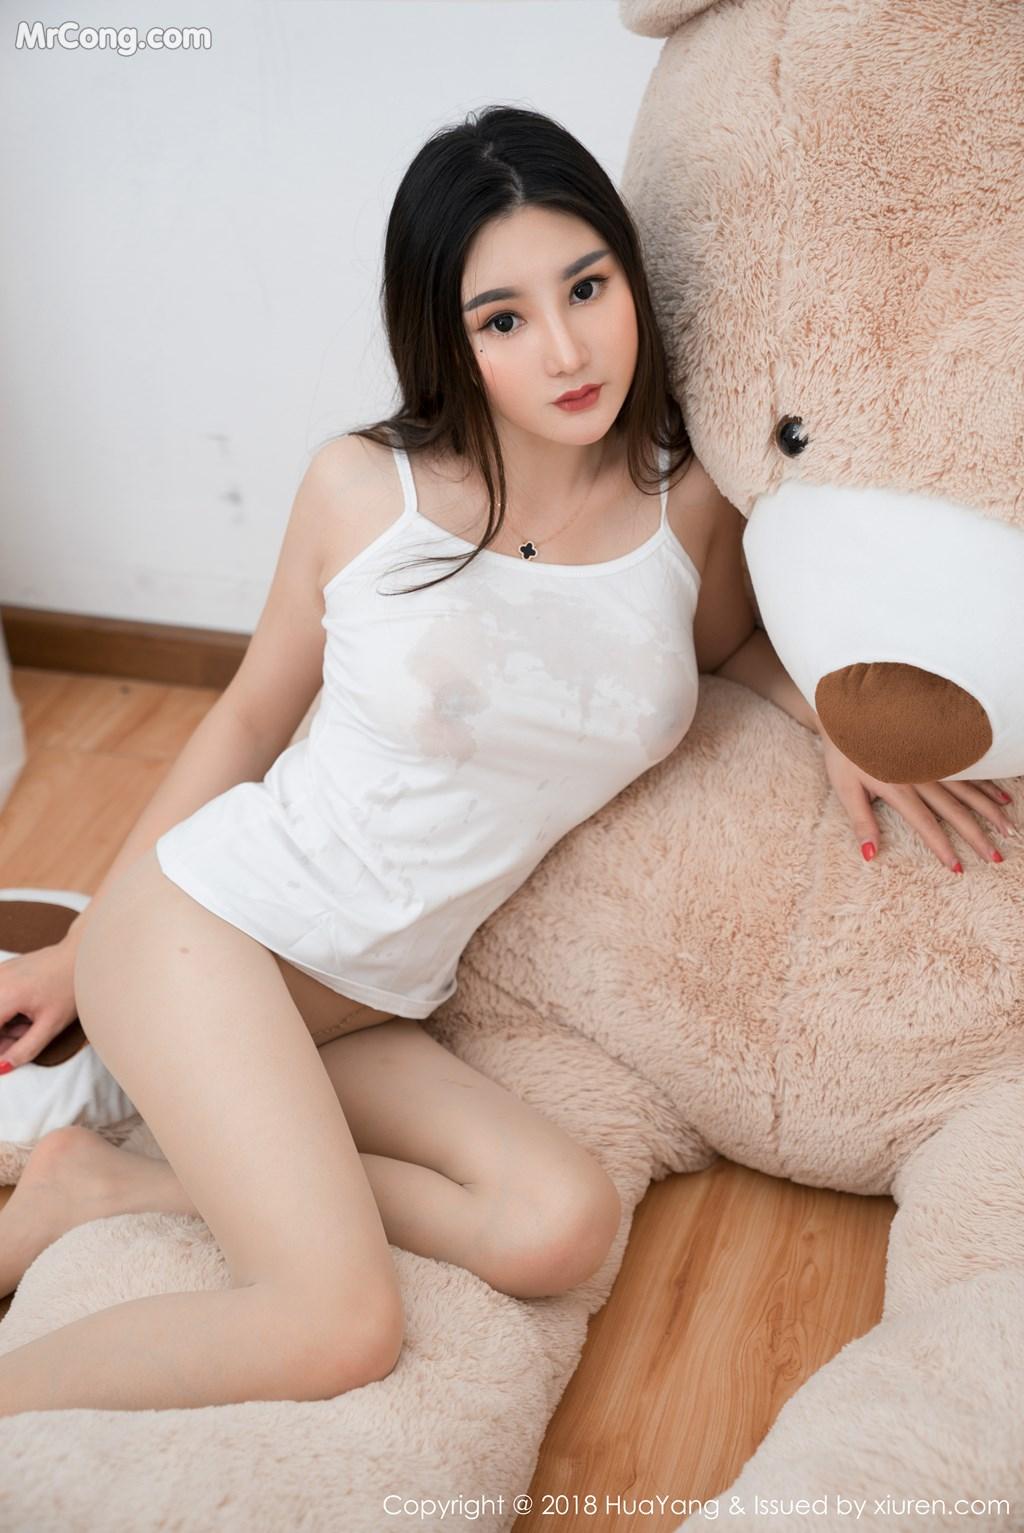 Image HuaYang-2018-03-02-Vol.034-Xiao-Tian-Xin-Candy-MrCong.com-032 in post HuaYang 2018-03-02 Vol.034: Người mẫu Xiao Tian Xin (小甜心Candy) (41 ảnh)